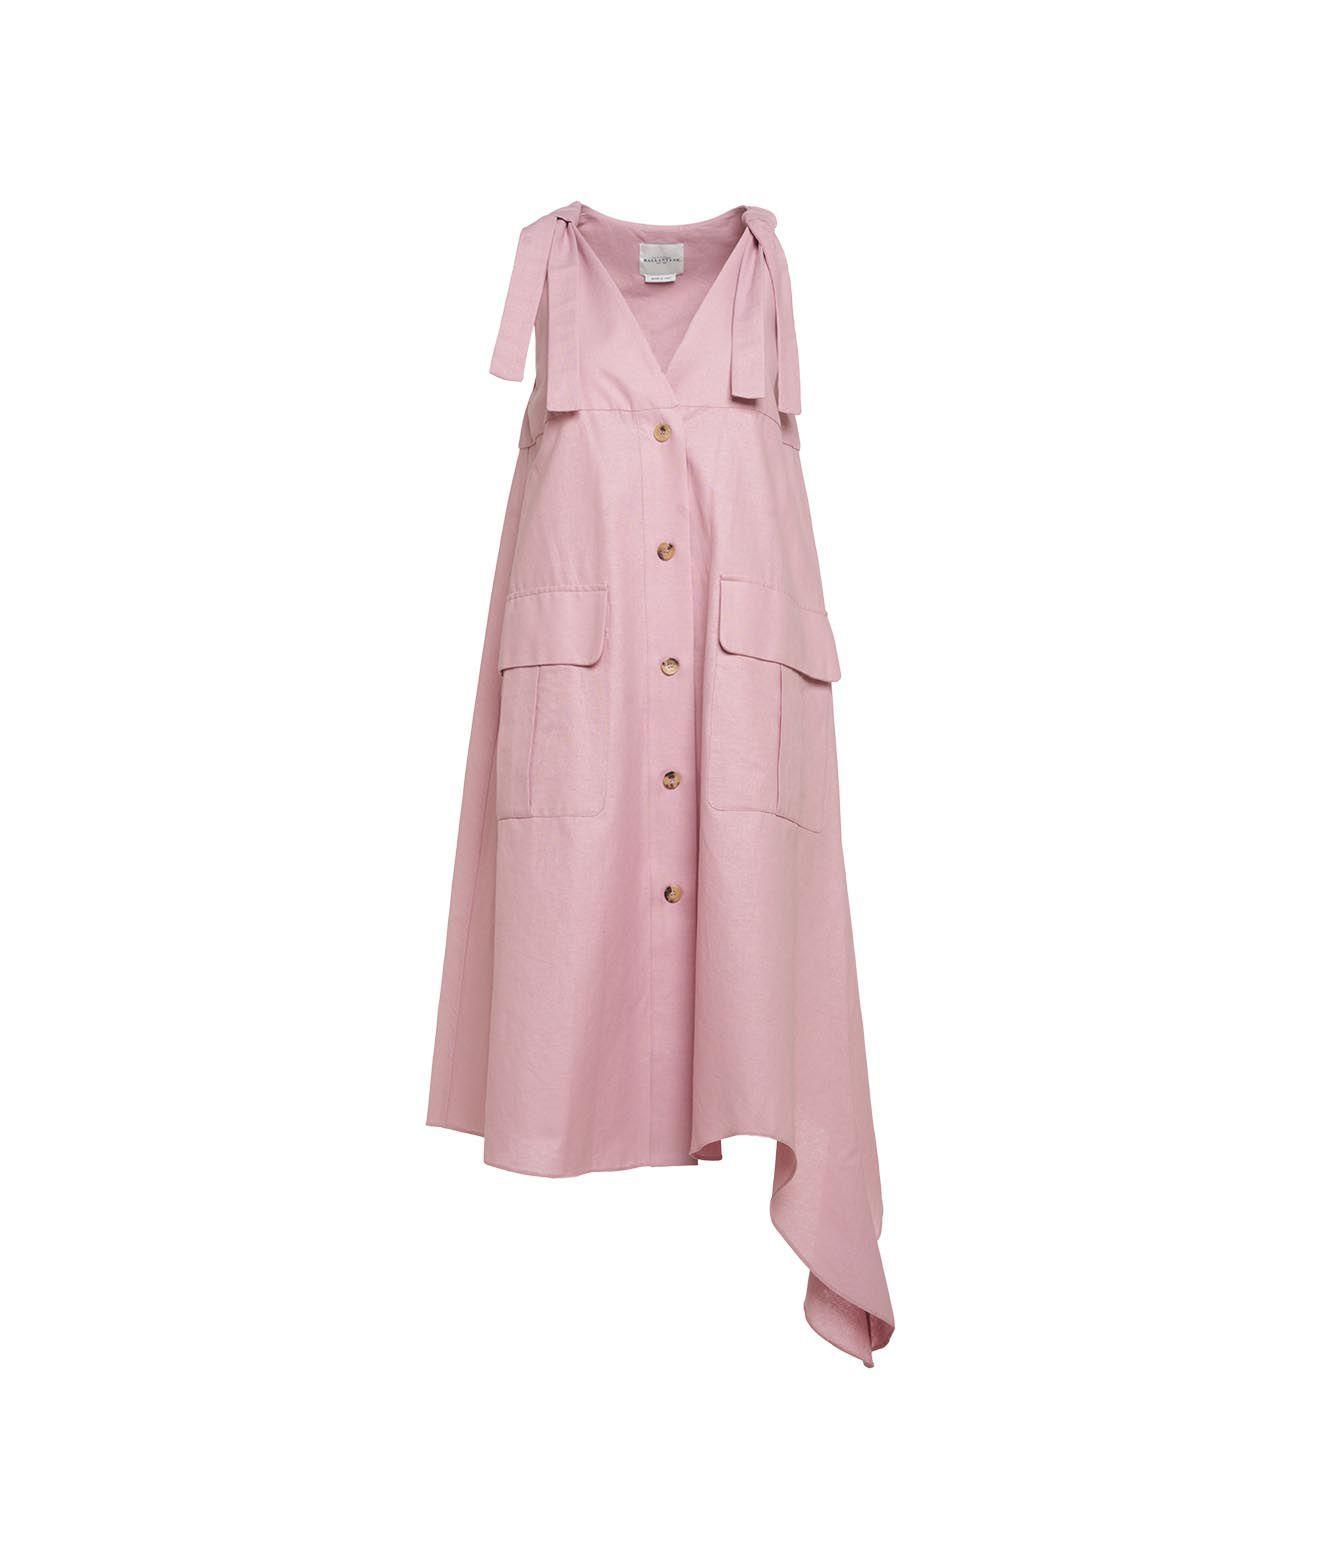 Ballantyne BALLANTYNE WOMEN'S PINK OTHER MATERIALS DRESS